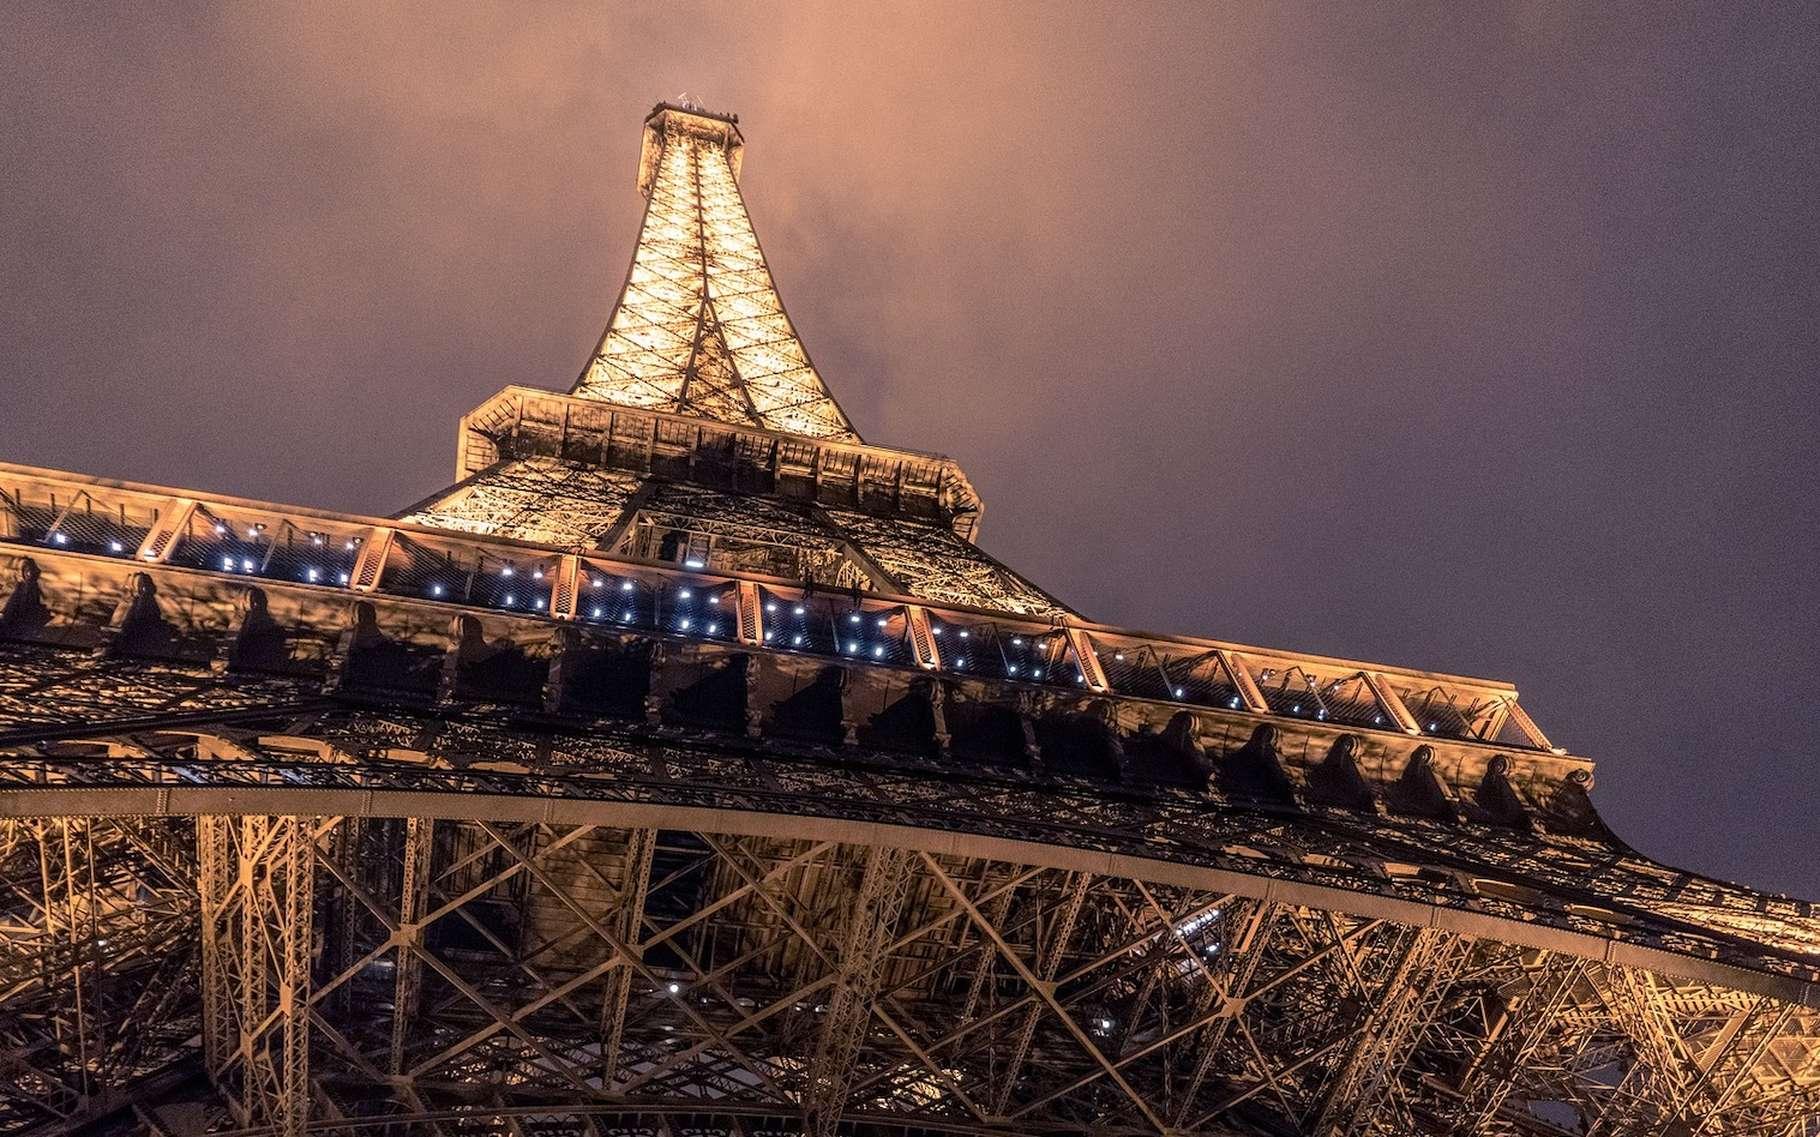 En fonction de la température, la taille de la tour Eiffel peut varier de plusieurs centimètres. © Pexels, Pixabay License